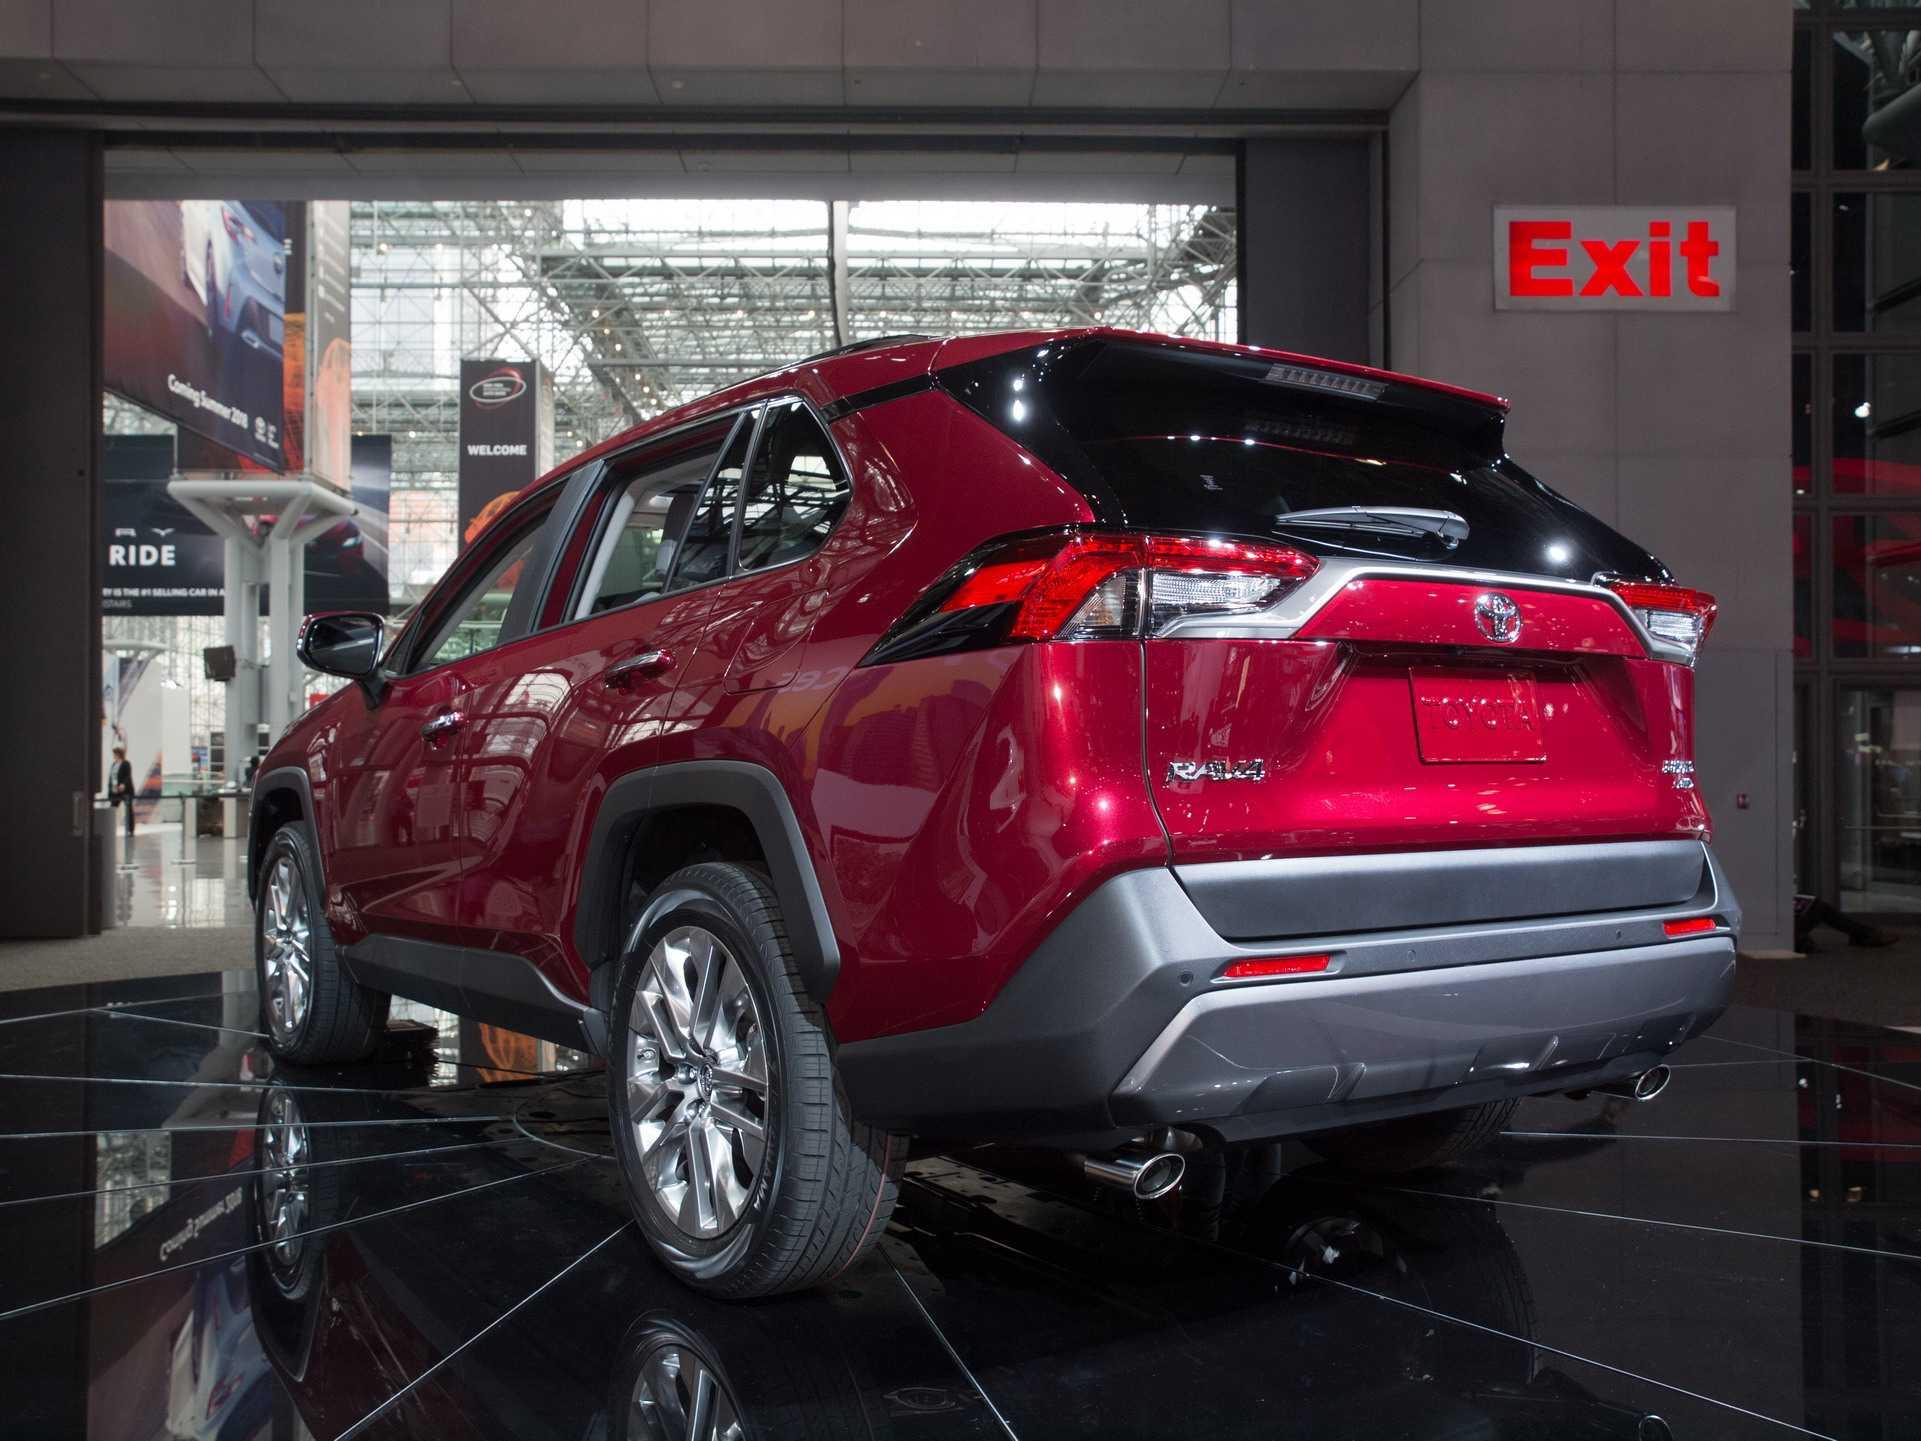 New York 2018: Toyota remece al segmento de los crossover con el nuevo RAV4 - Rutamotor